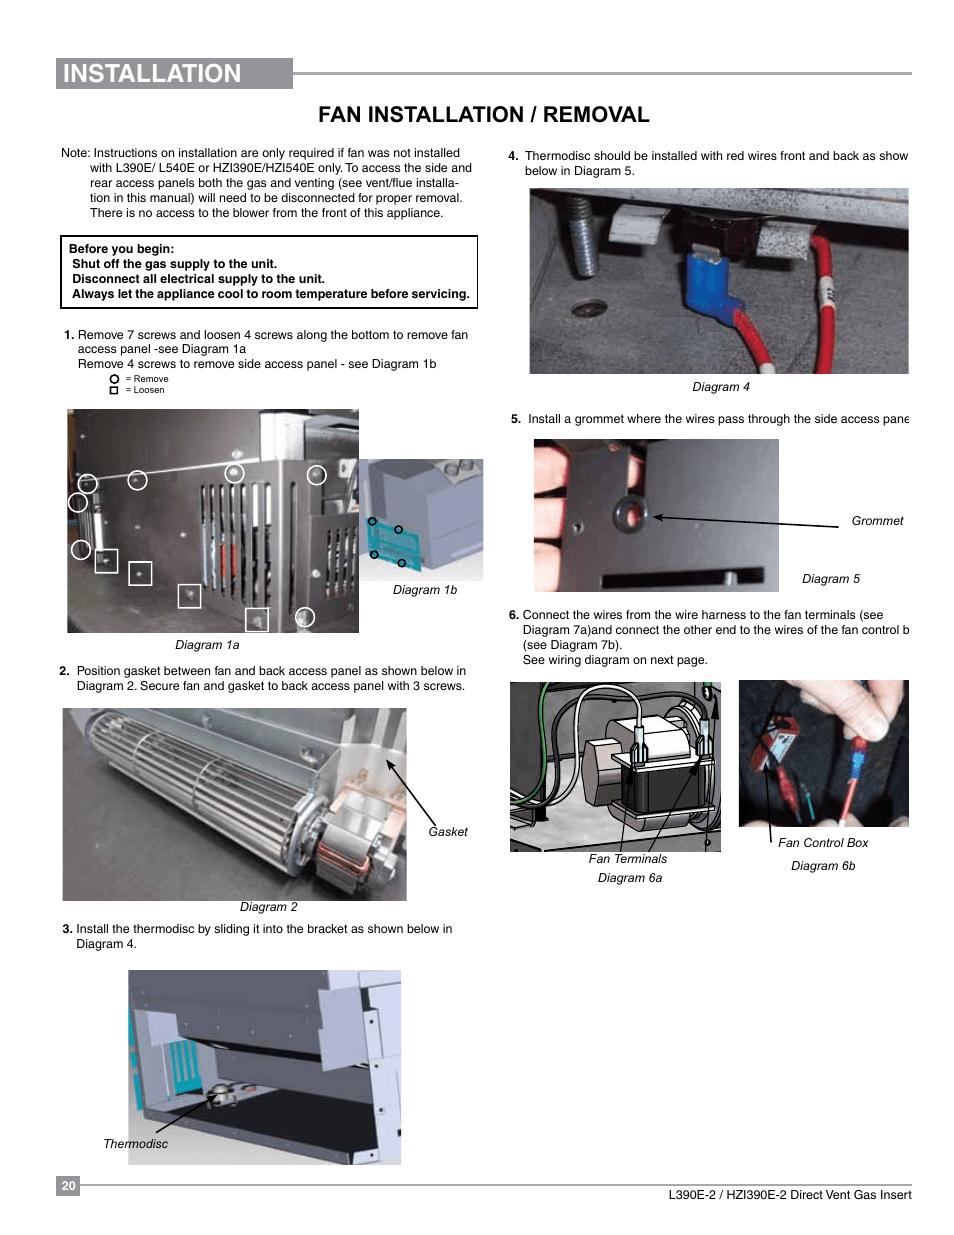 hight resolution of installation fan installation removal regency liberty l390eb medium gas insert user manual page 20 60